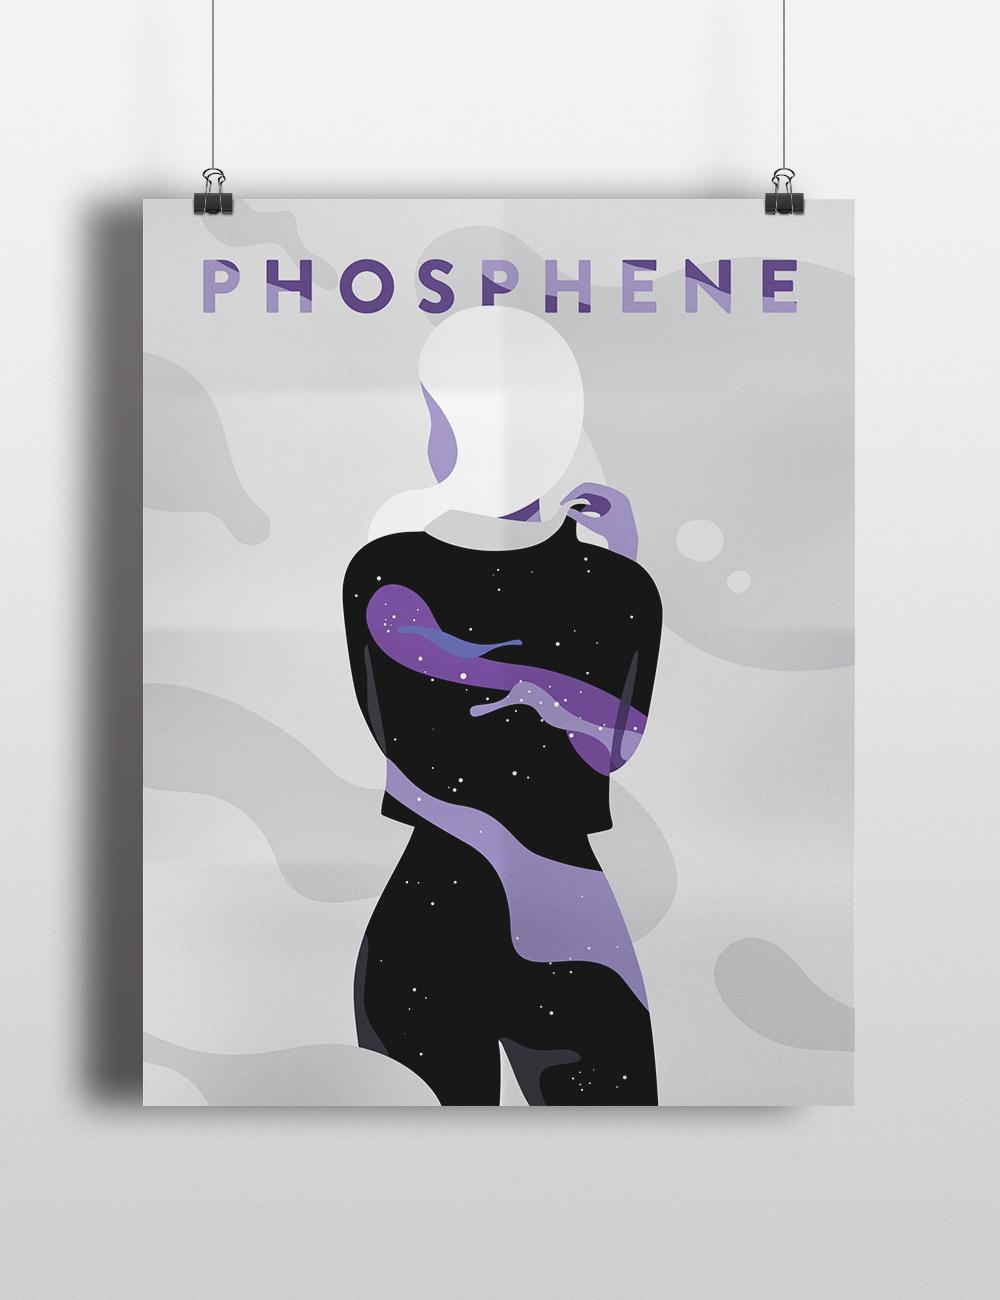 Phosphene_SpaceBae_Poster.jpg